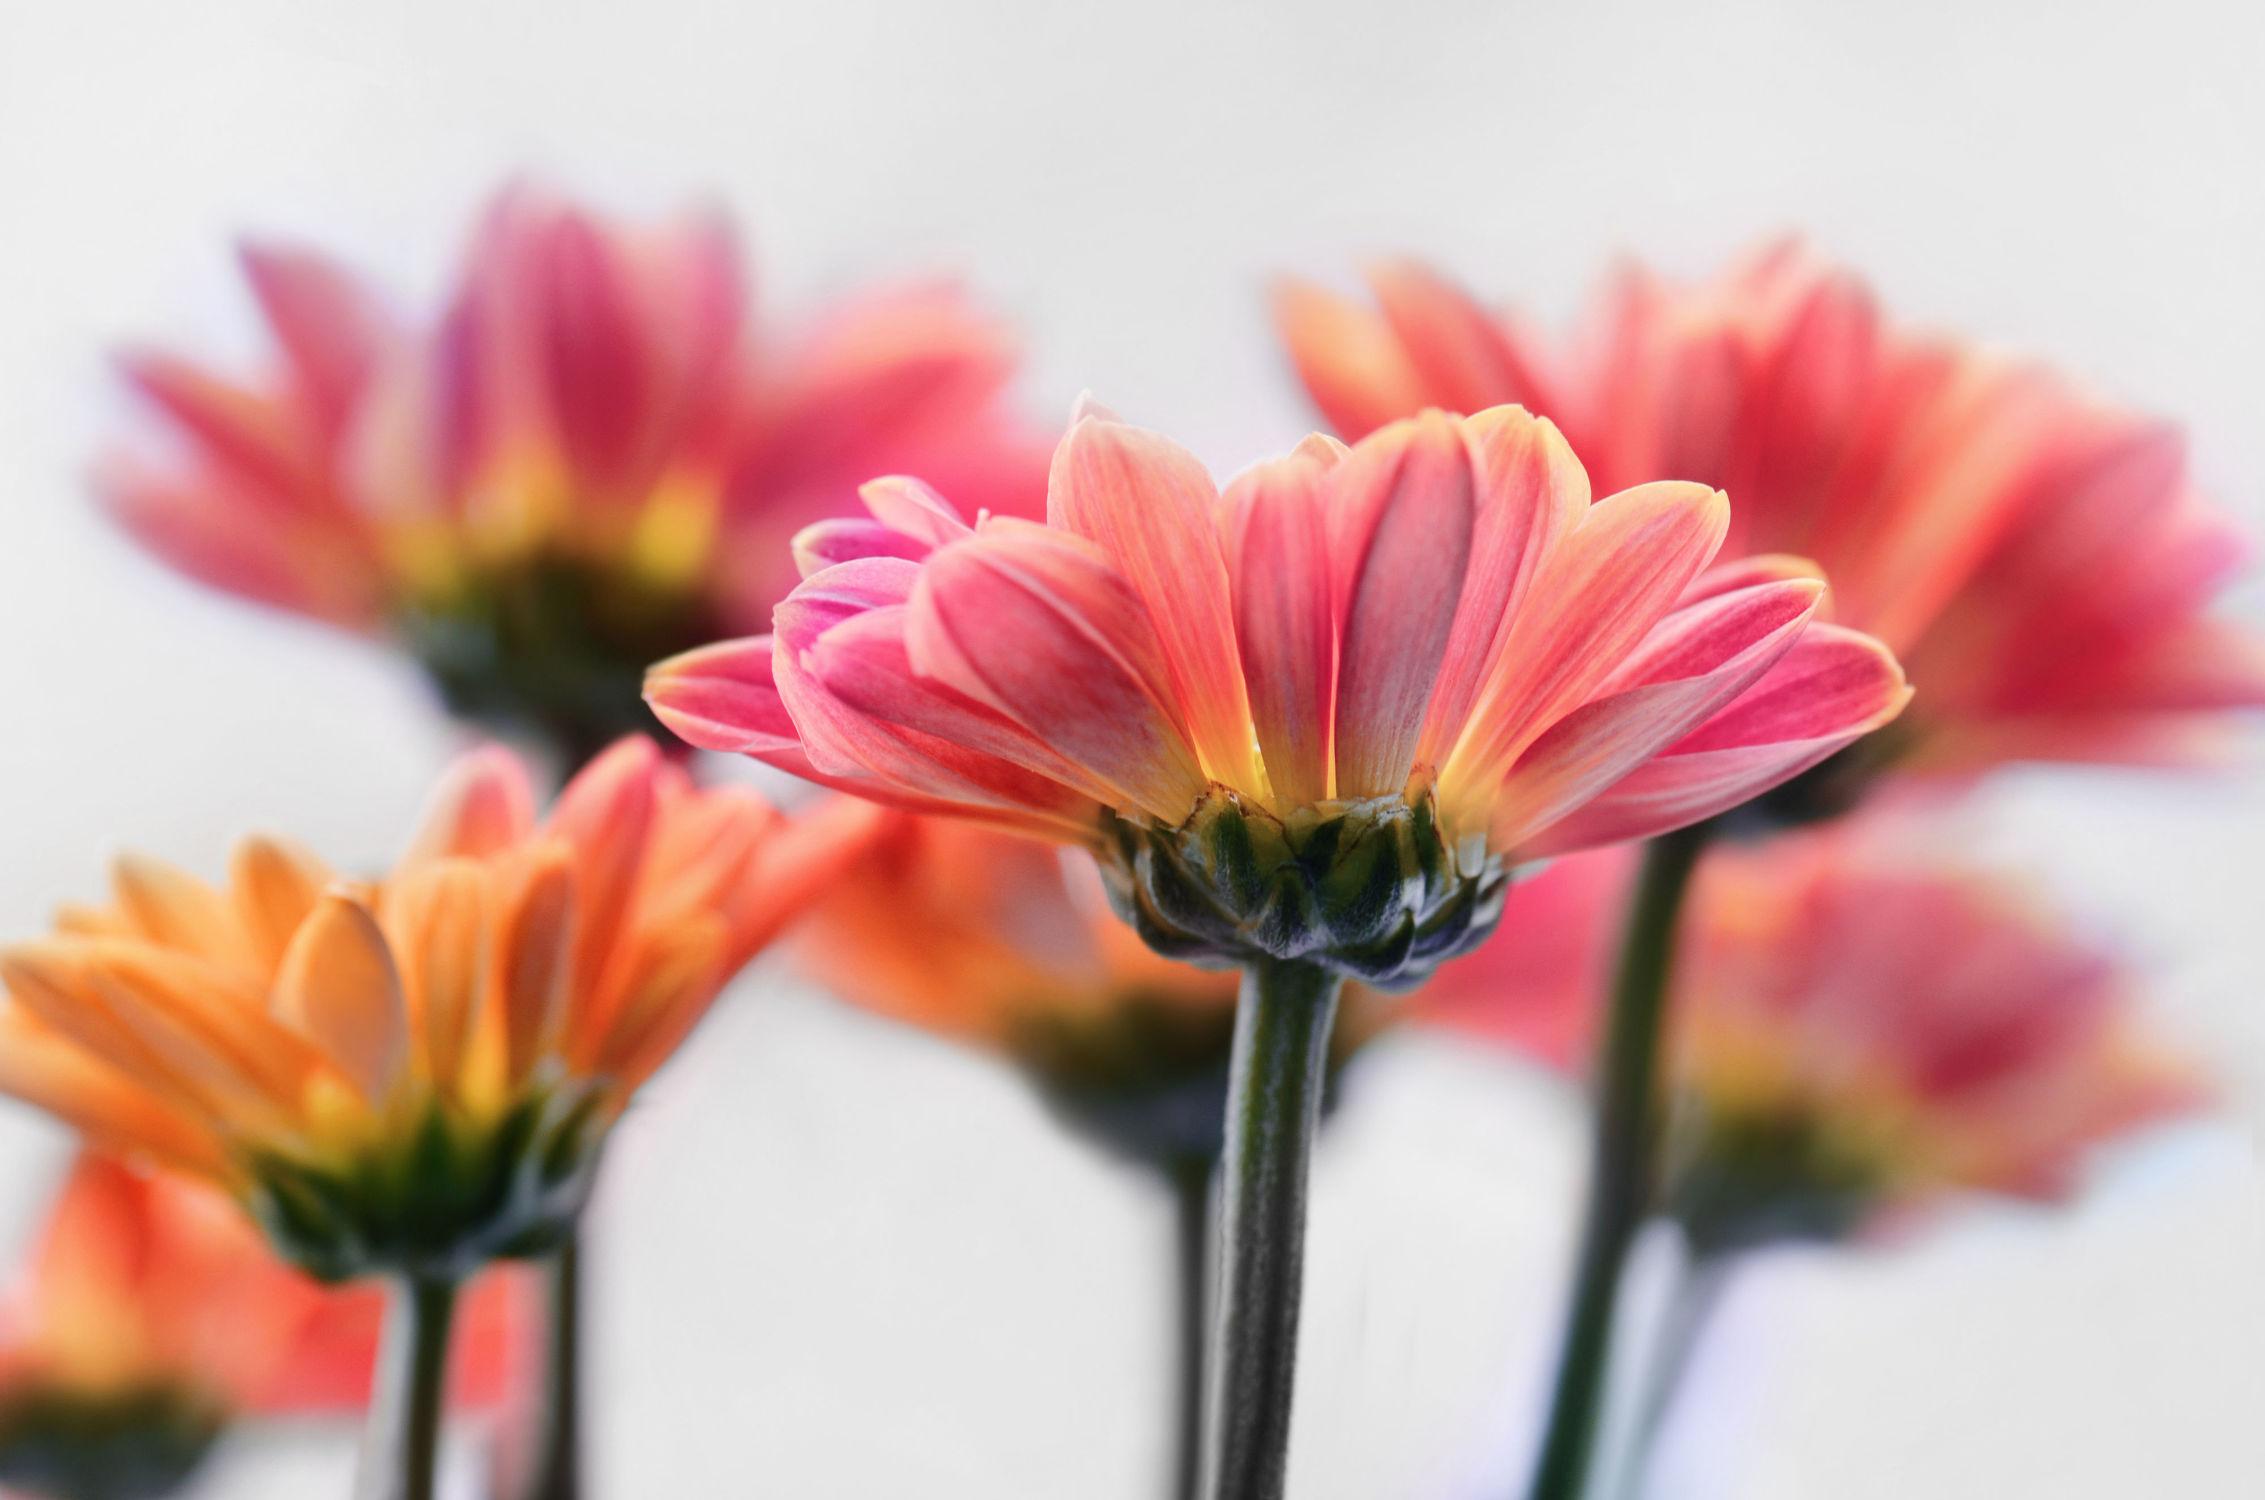 Bild mit Natur, Pflanzen, Pflanzen, Blumen, Blumen, Astern, Blätter, Blume, Pflanze, Flora, herbstblumen, garten, dekorativ, ASTER, herbstblume